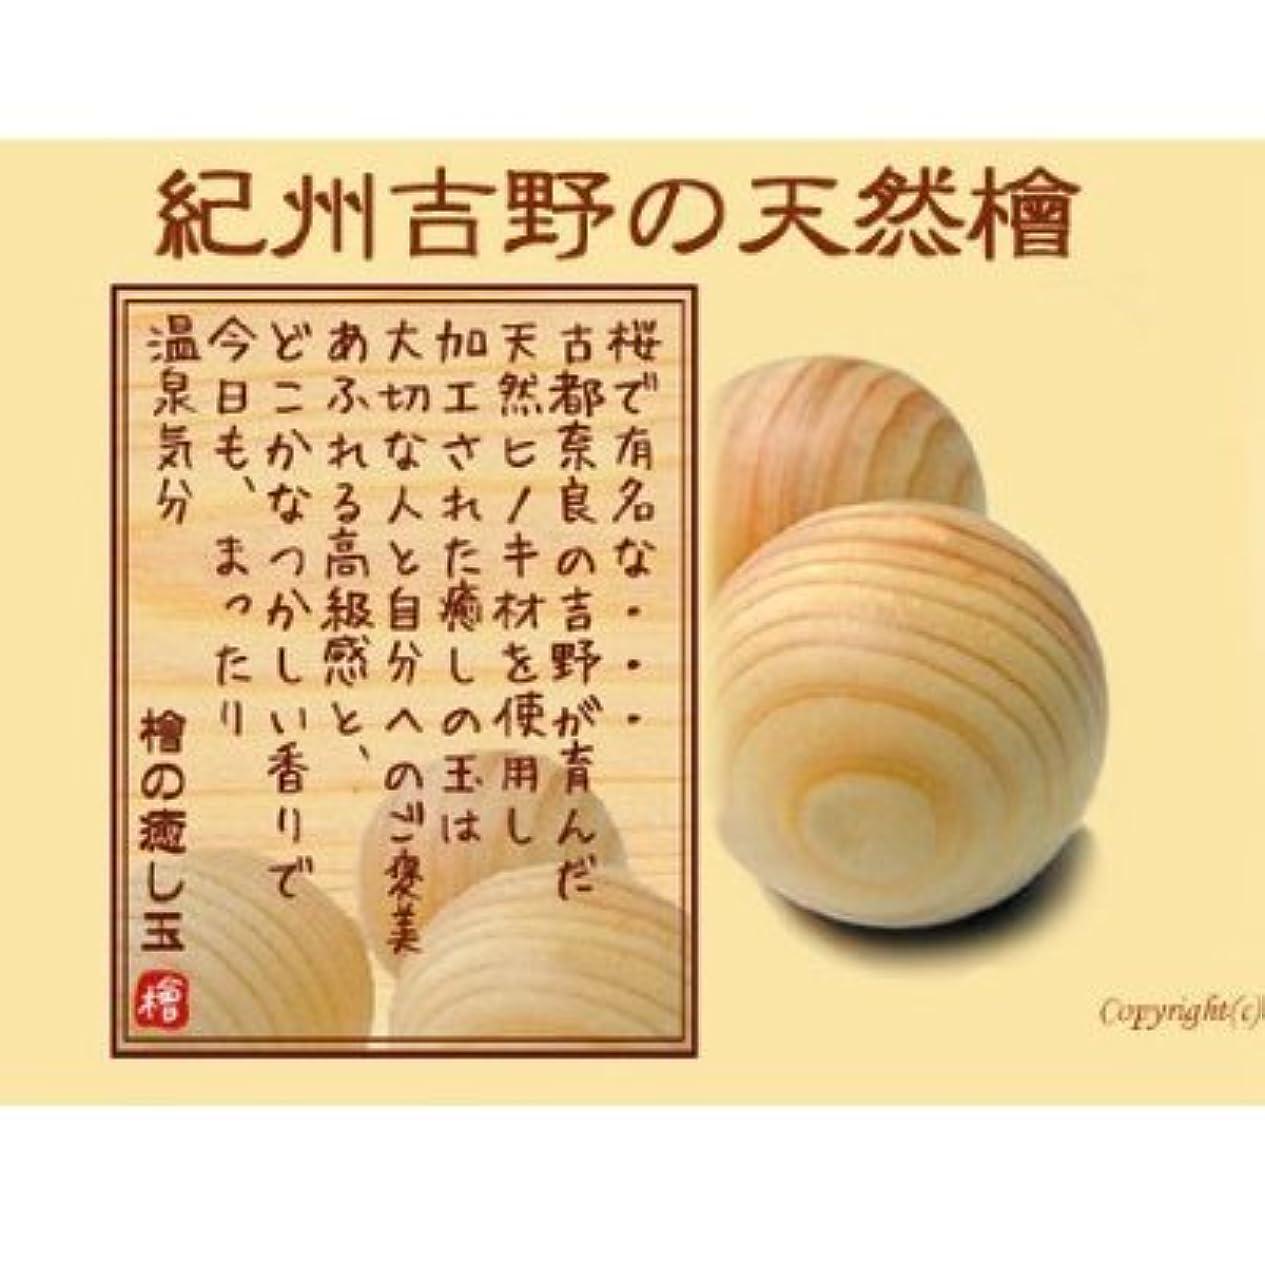 期限アクセント重さ古都奈良の吉野が育んだ天然ヒノキ【檜の癒し玉10袋】入浴剤